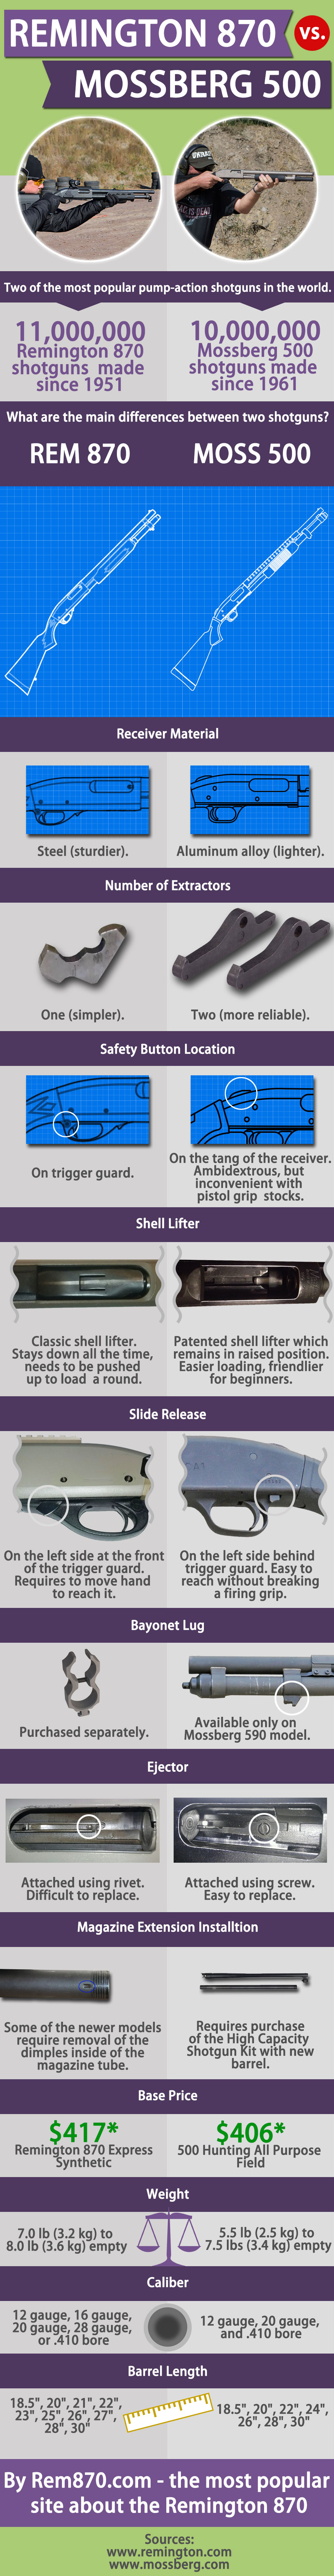 Remington 870 vs Mossberg 500